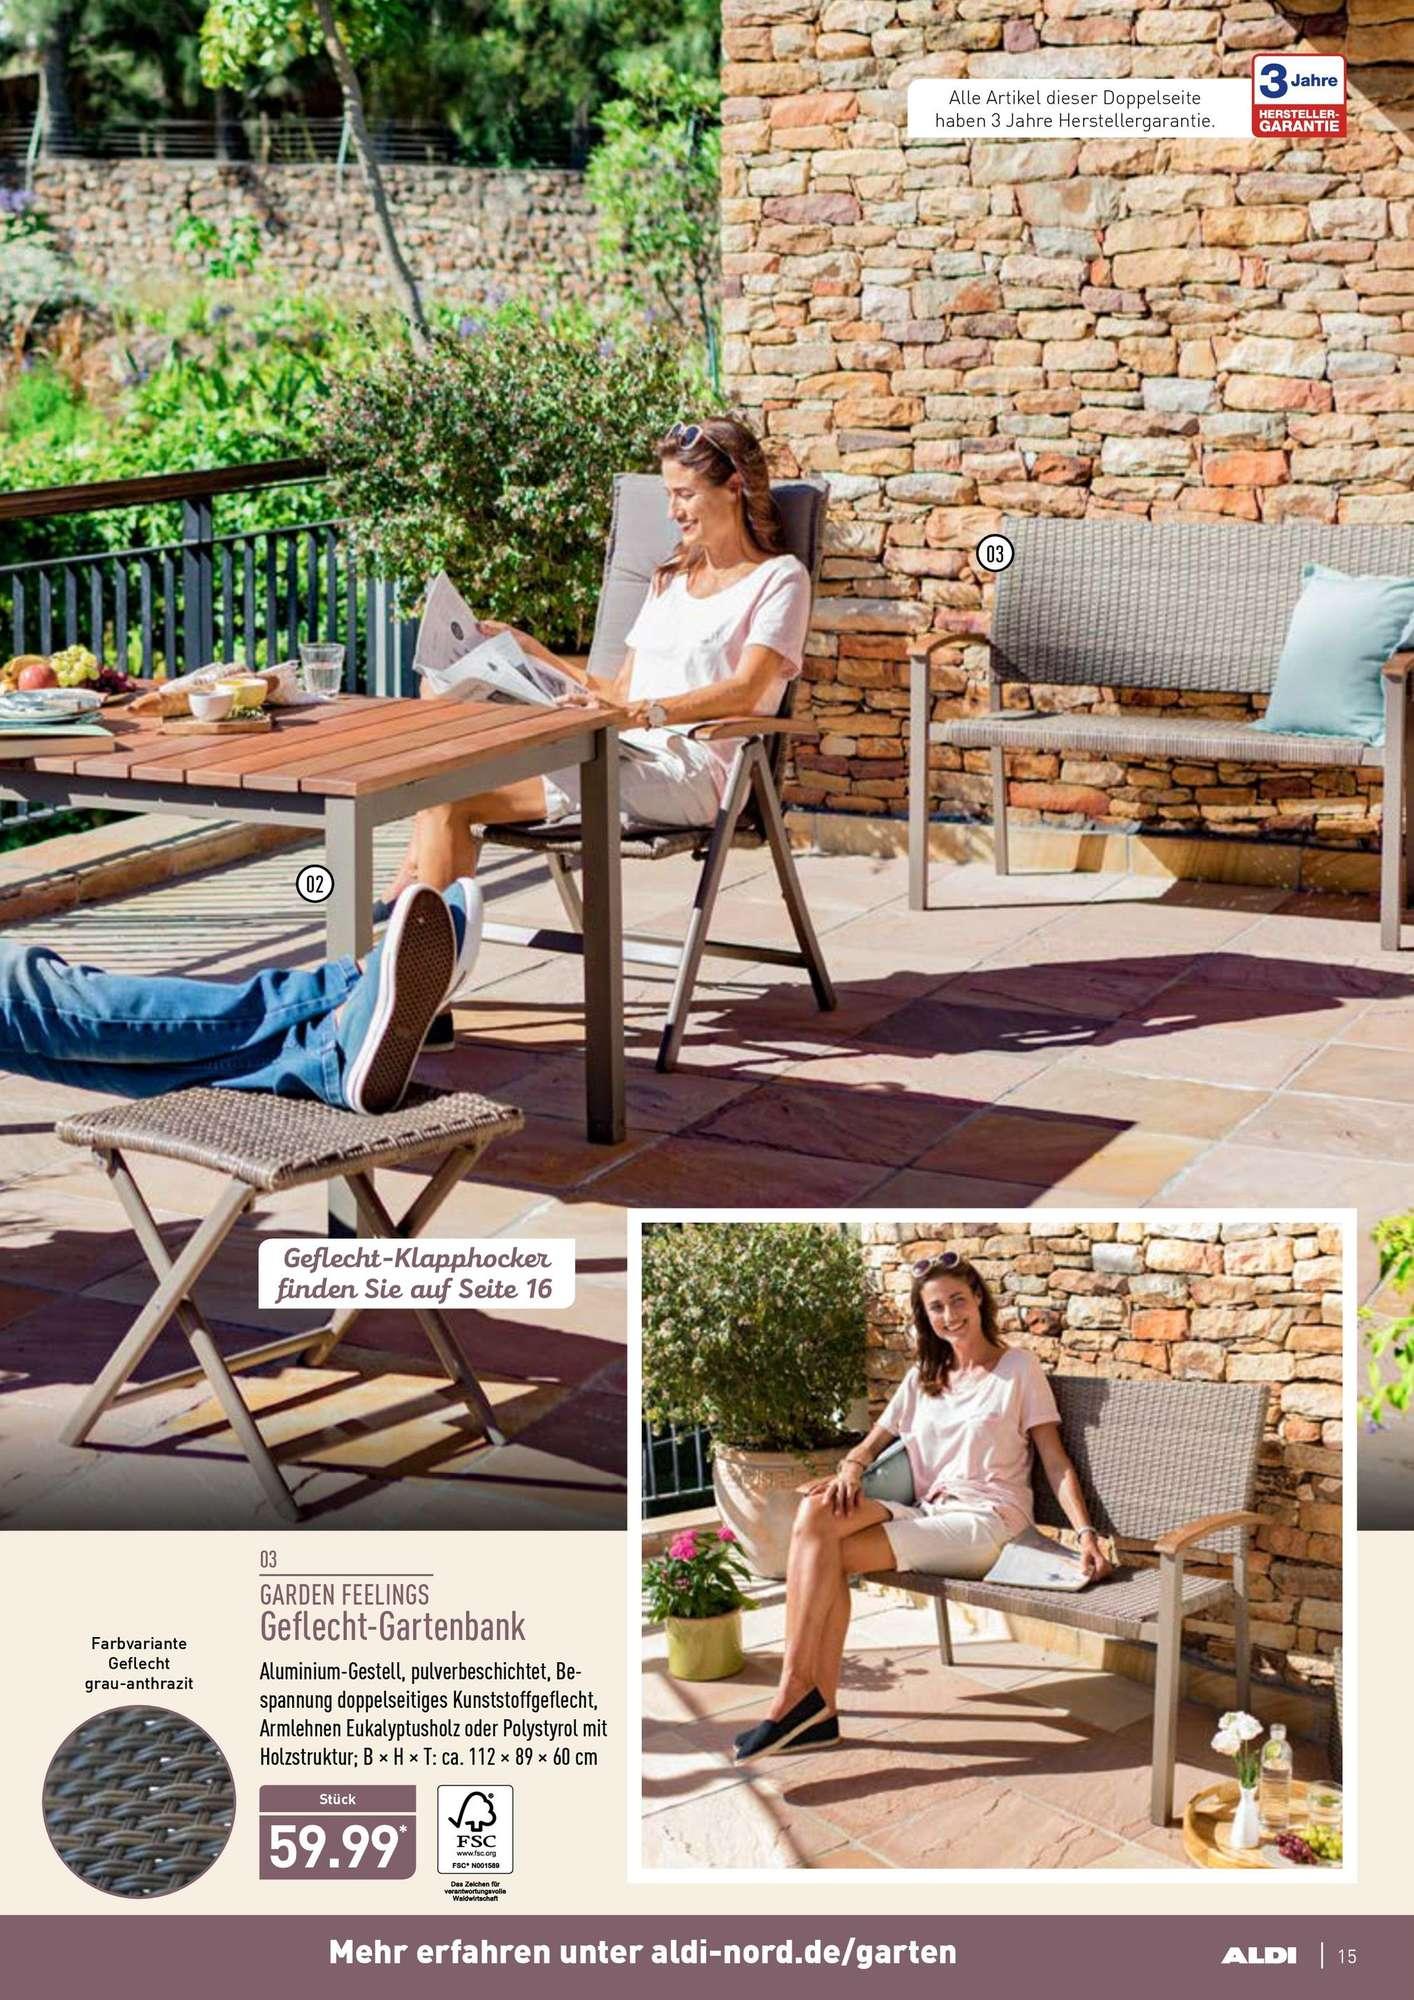 Full Size of Aldi Gartenliege 2020 Gartenbank Rattan Ideas 03 26 Relaxsessel Garten Wohnzimmer Aldi Gartenliege 2020